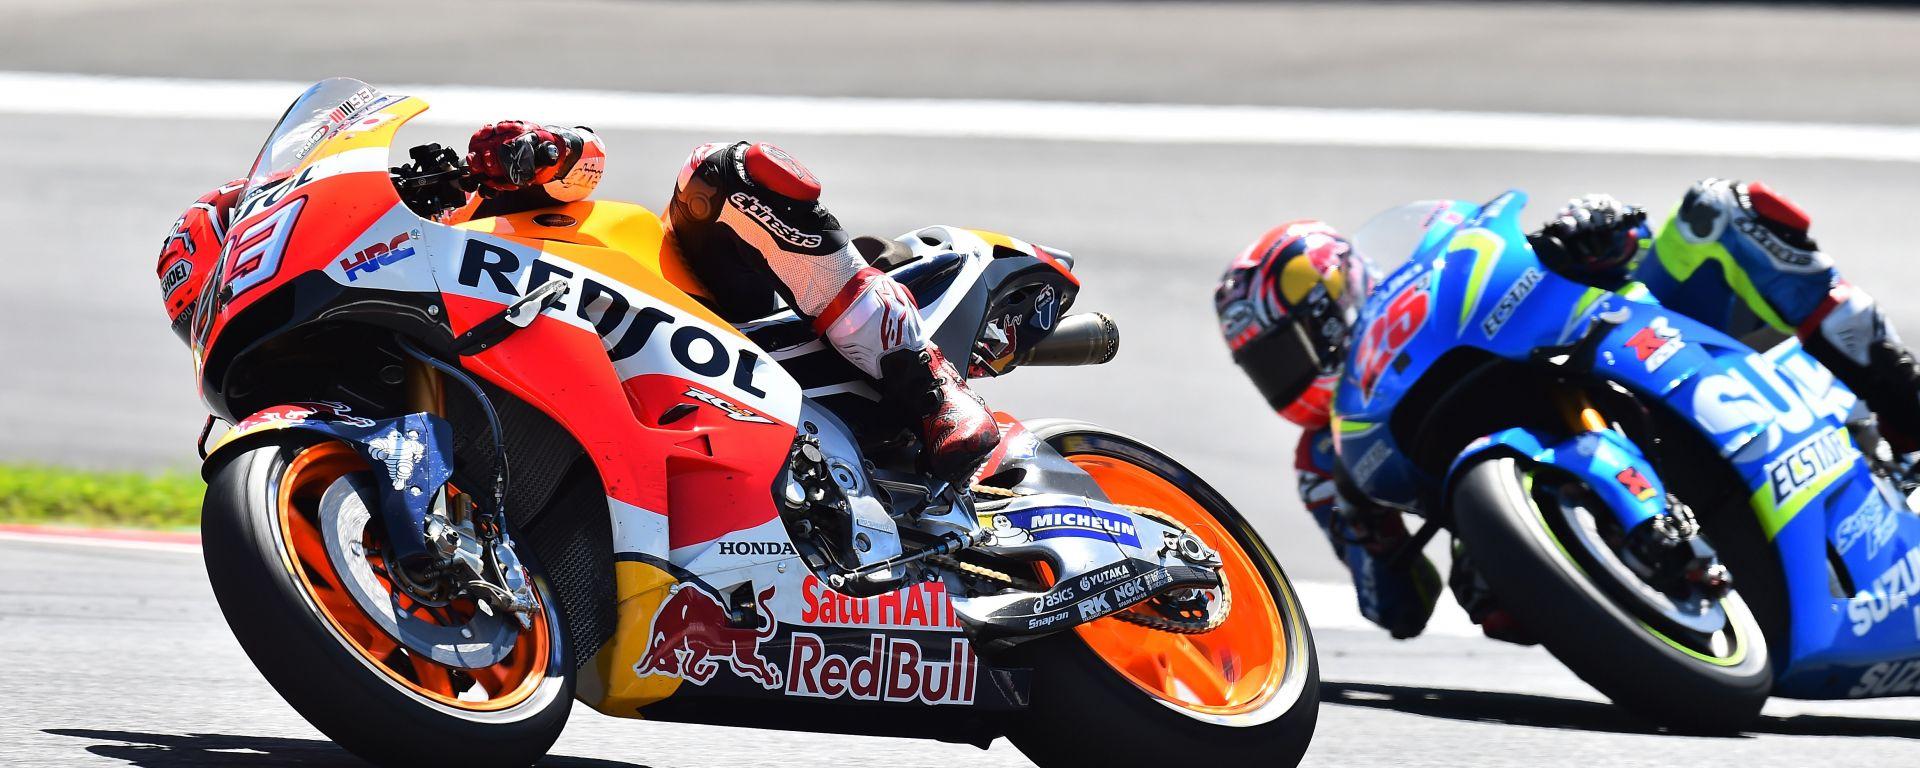 MotoGP 2016 Repubblica Ceca: Ducati e Yamaha vicine, Marquez il più veloce del Venerdì